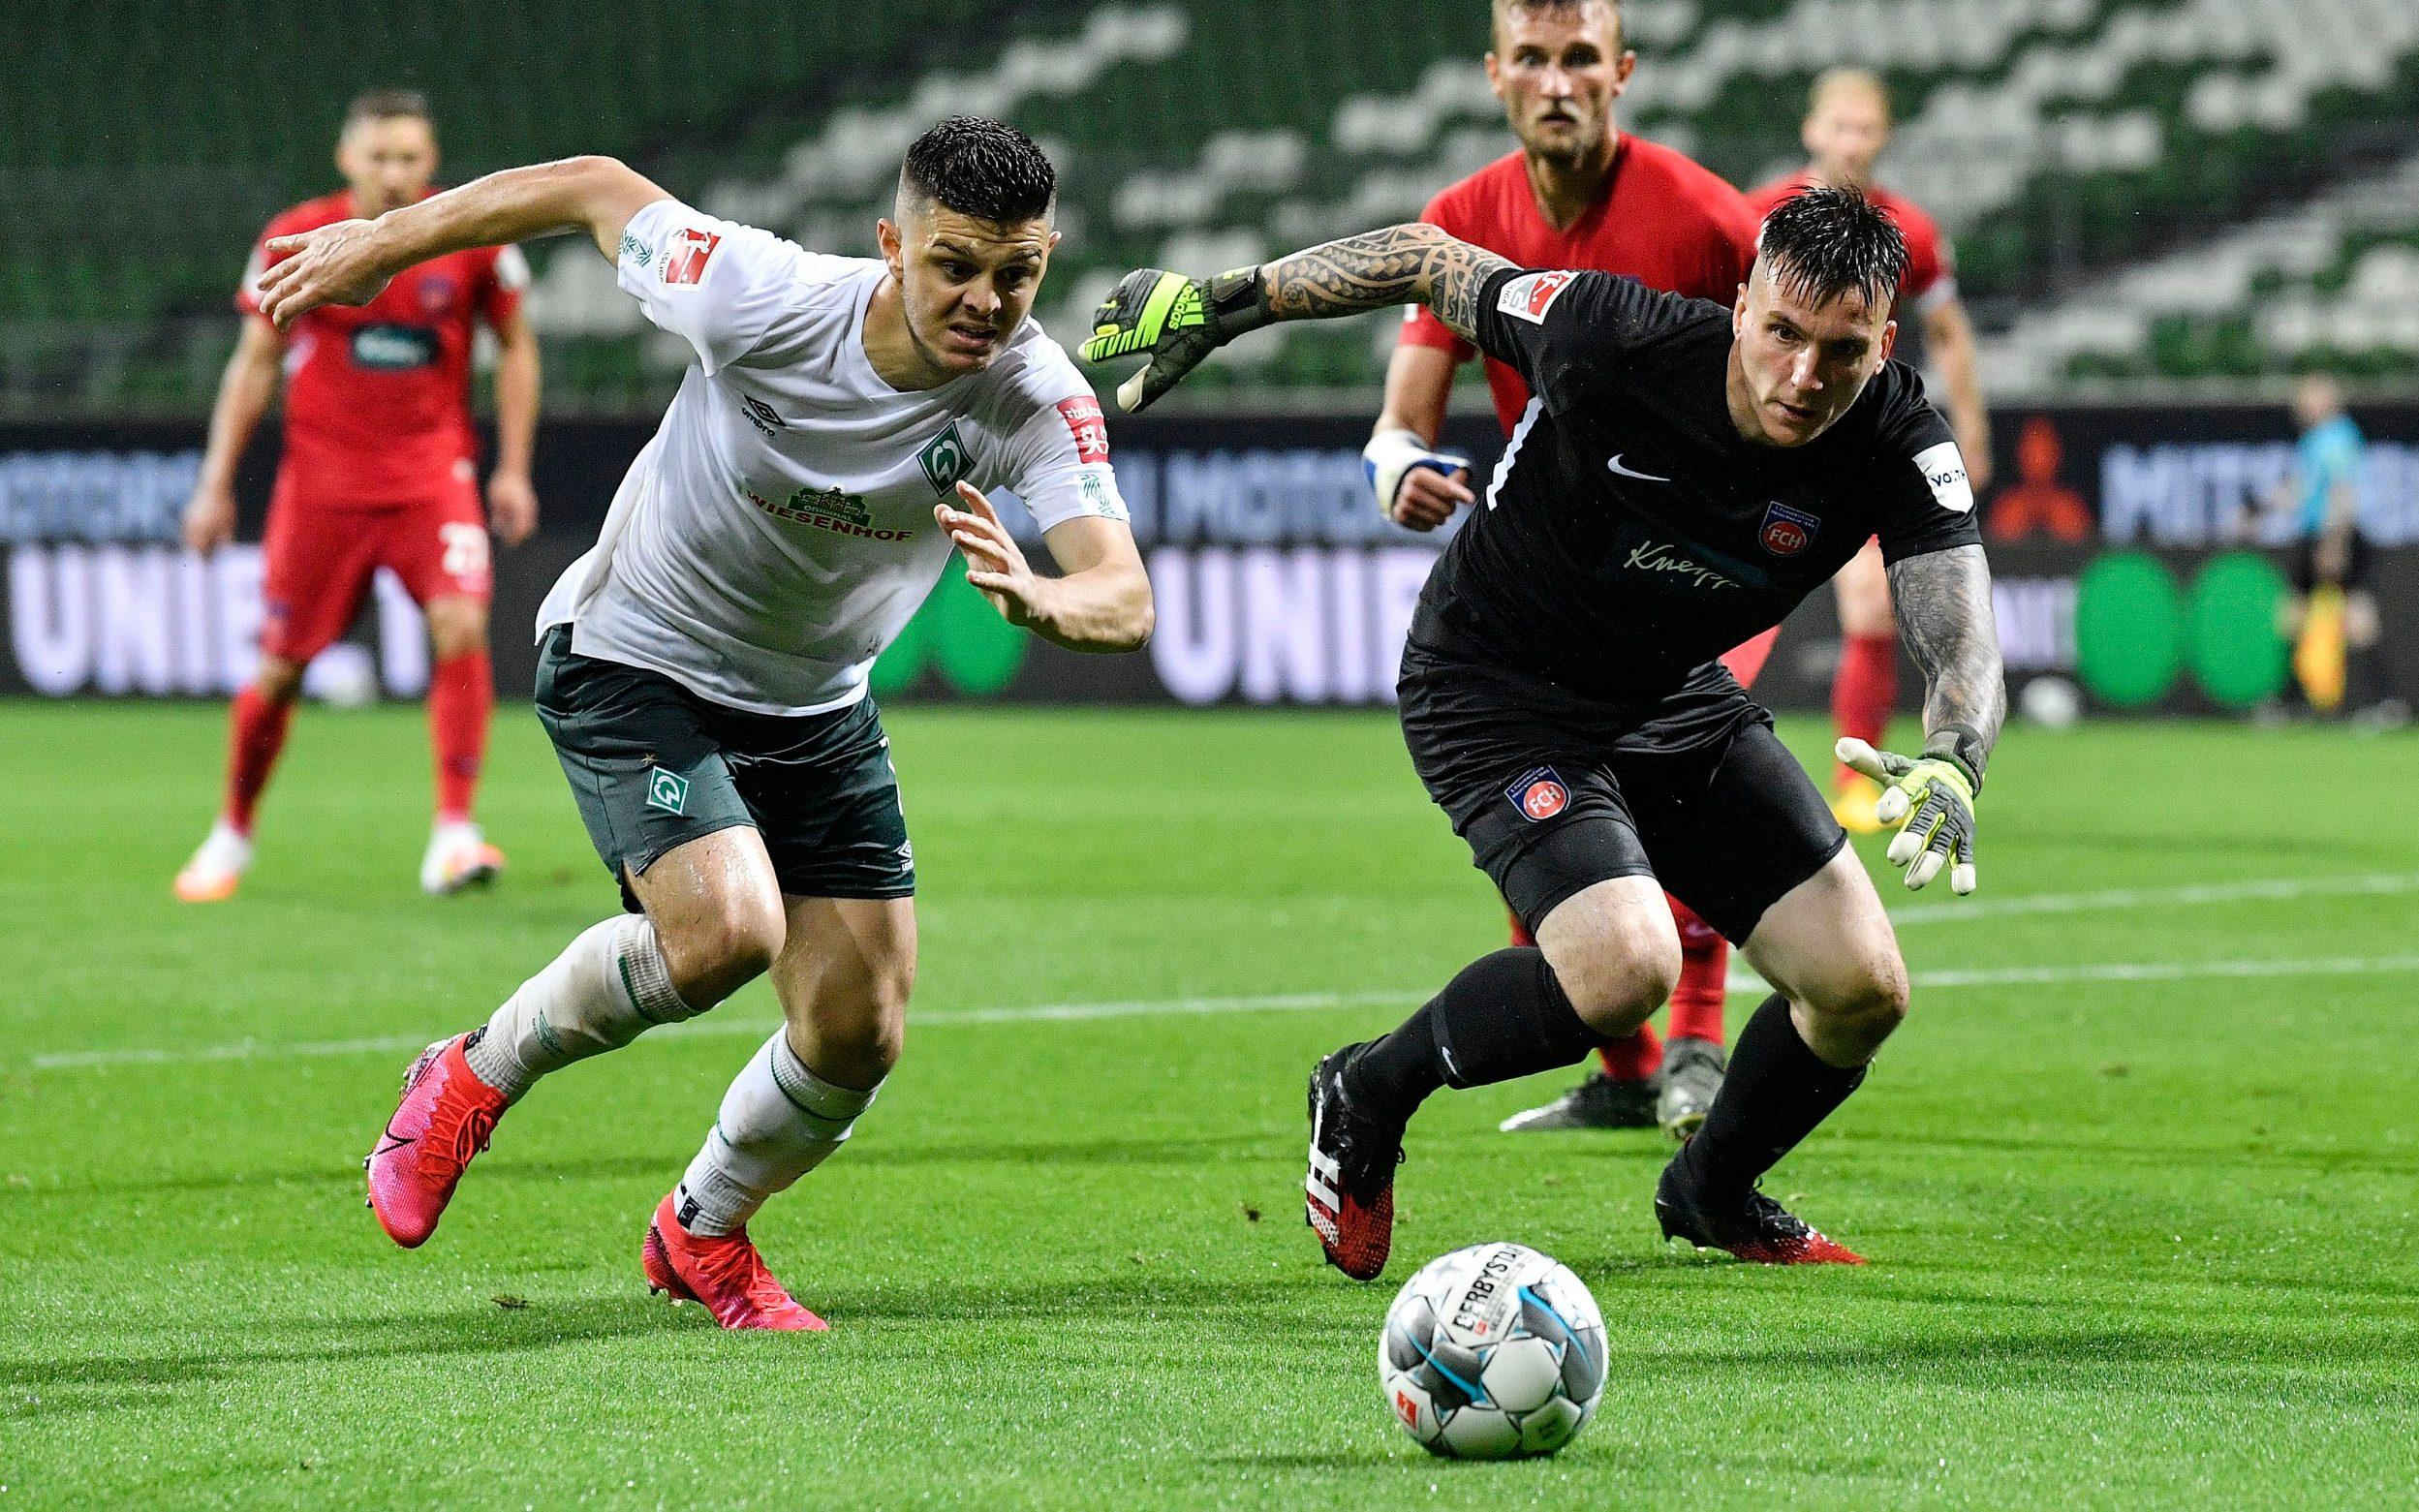 Футбол боруссия дортмунд краснодар сегодня смотреть онлайн